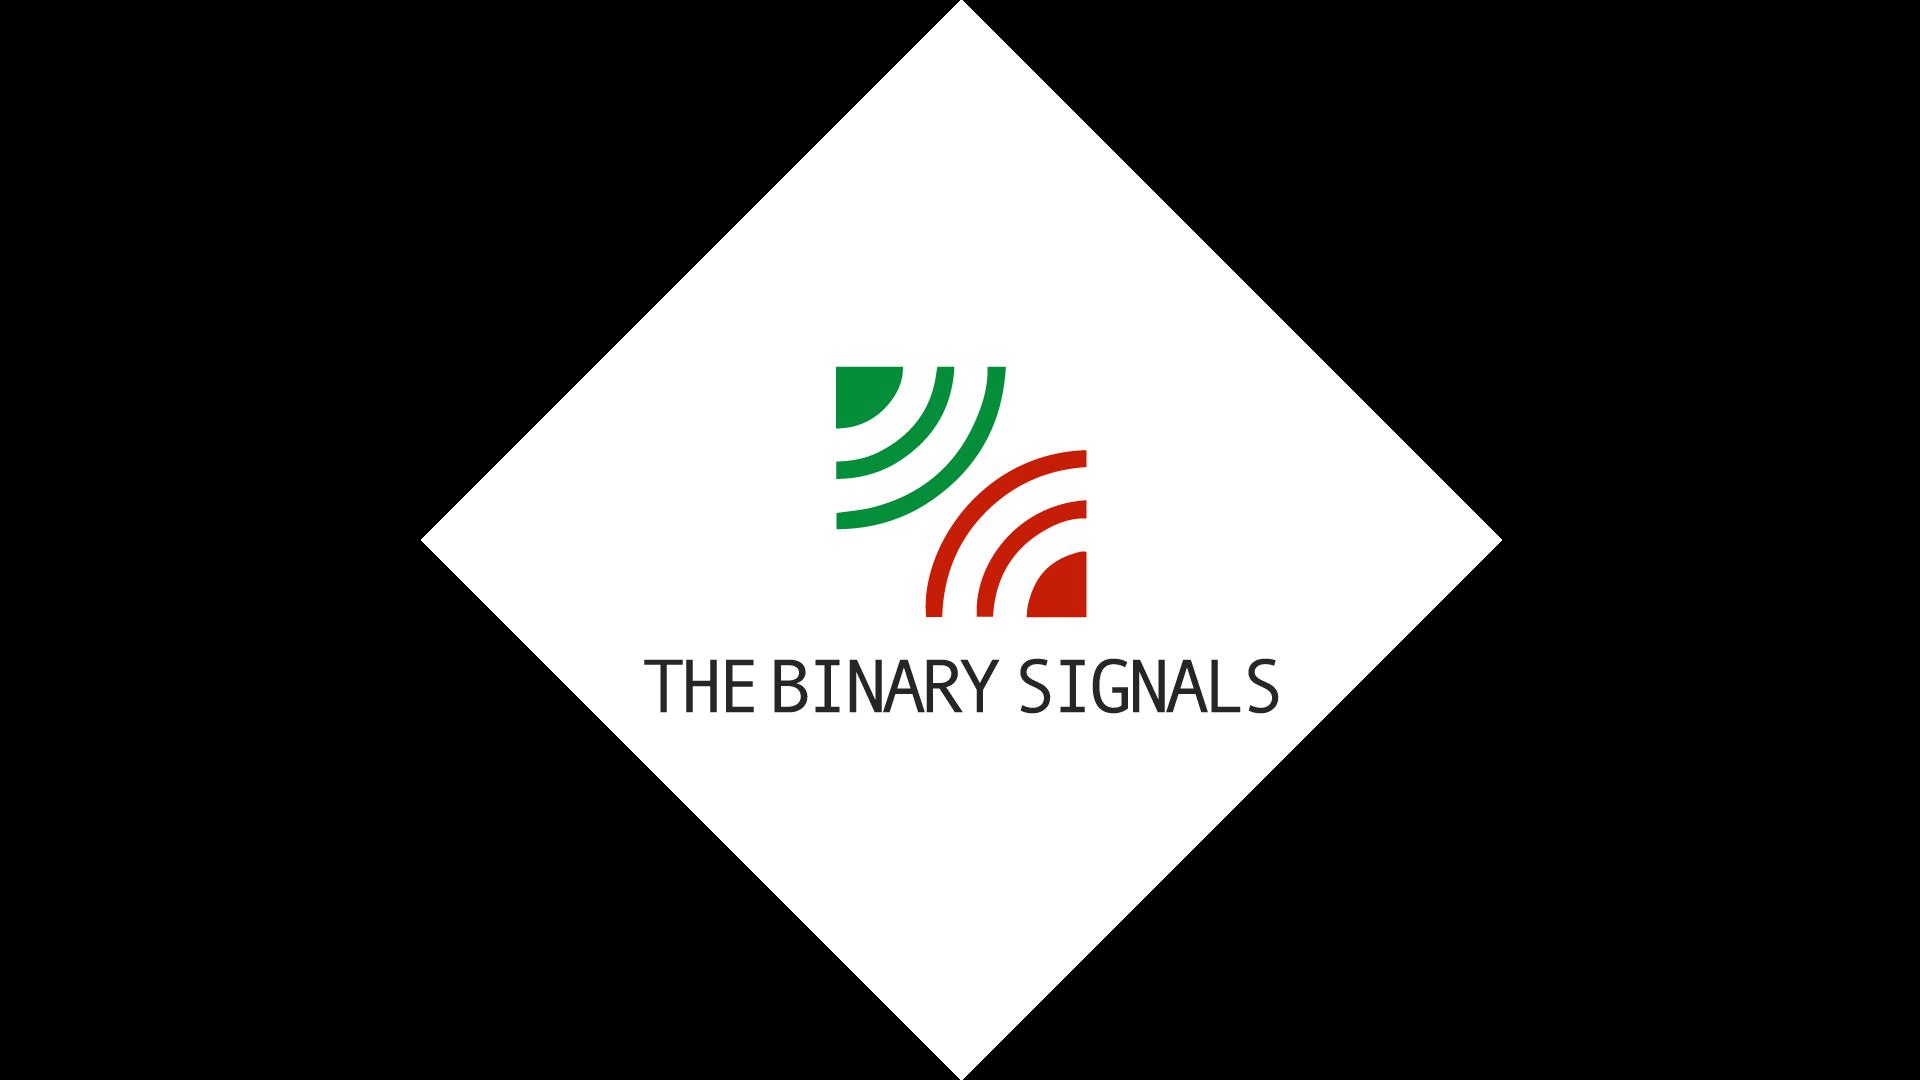 Thebinarysignals.com review